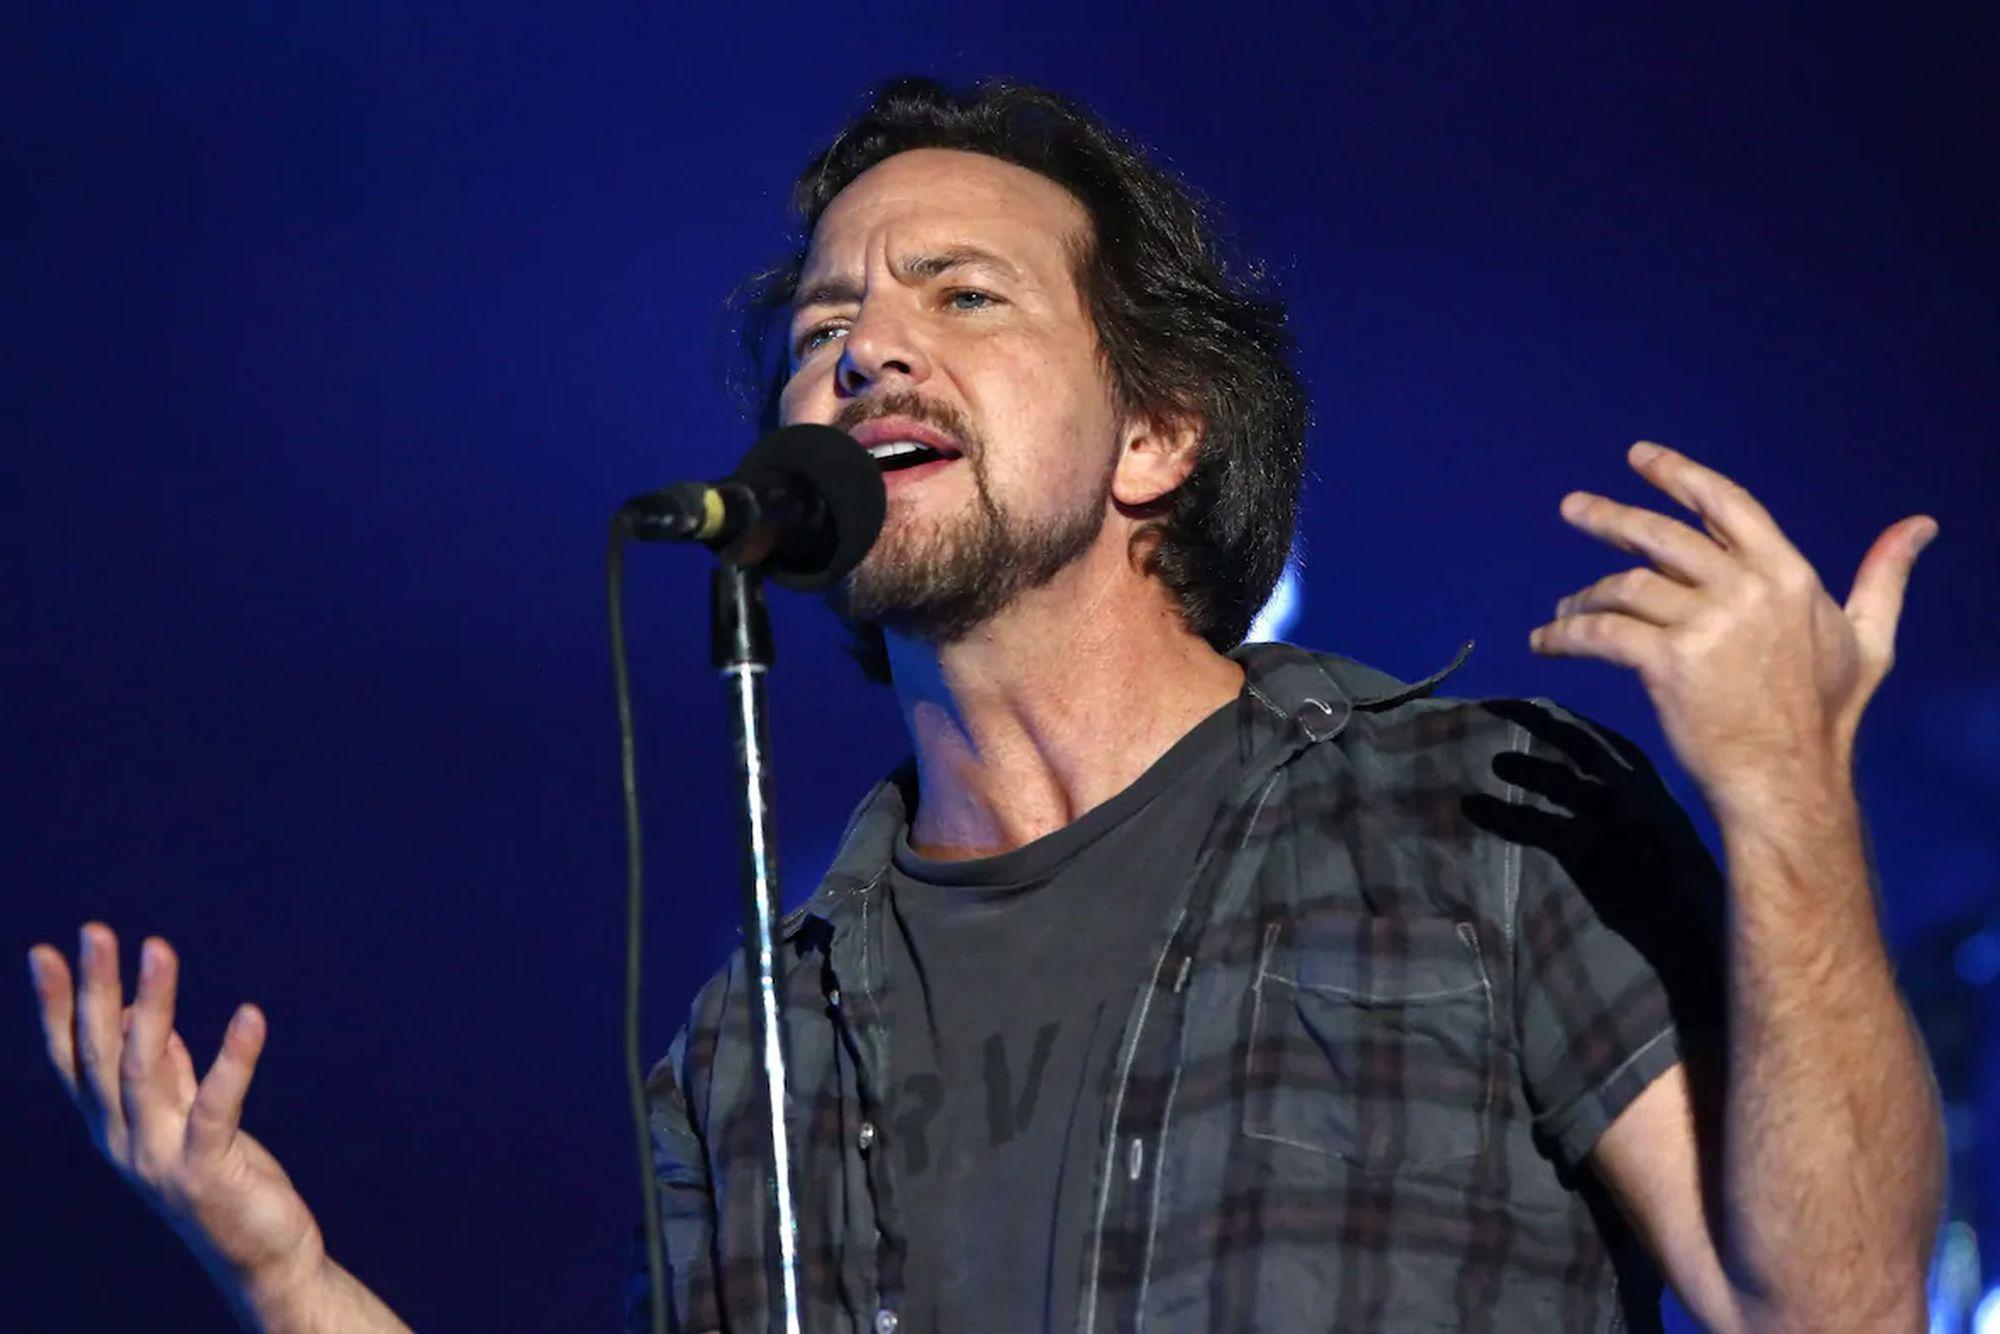 Eddie Vedder in concerto a Barolo per Collisioni: biglietti, scaletta, ospiti, come arrivare